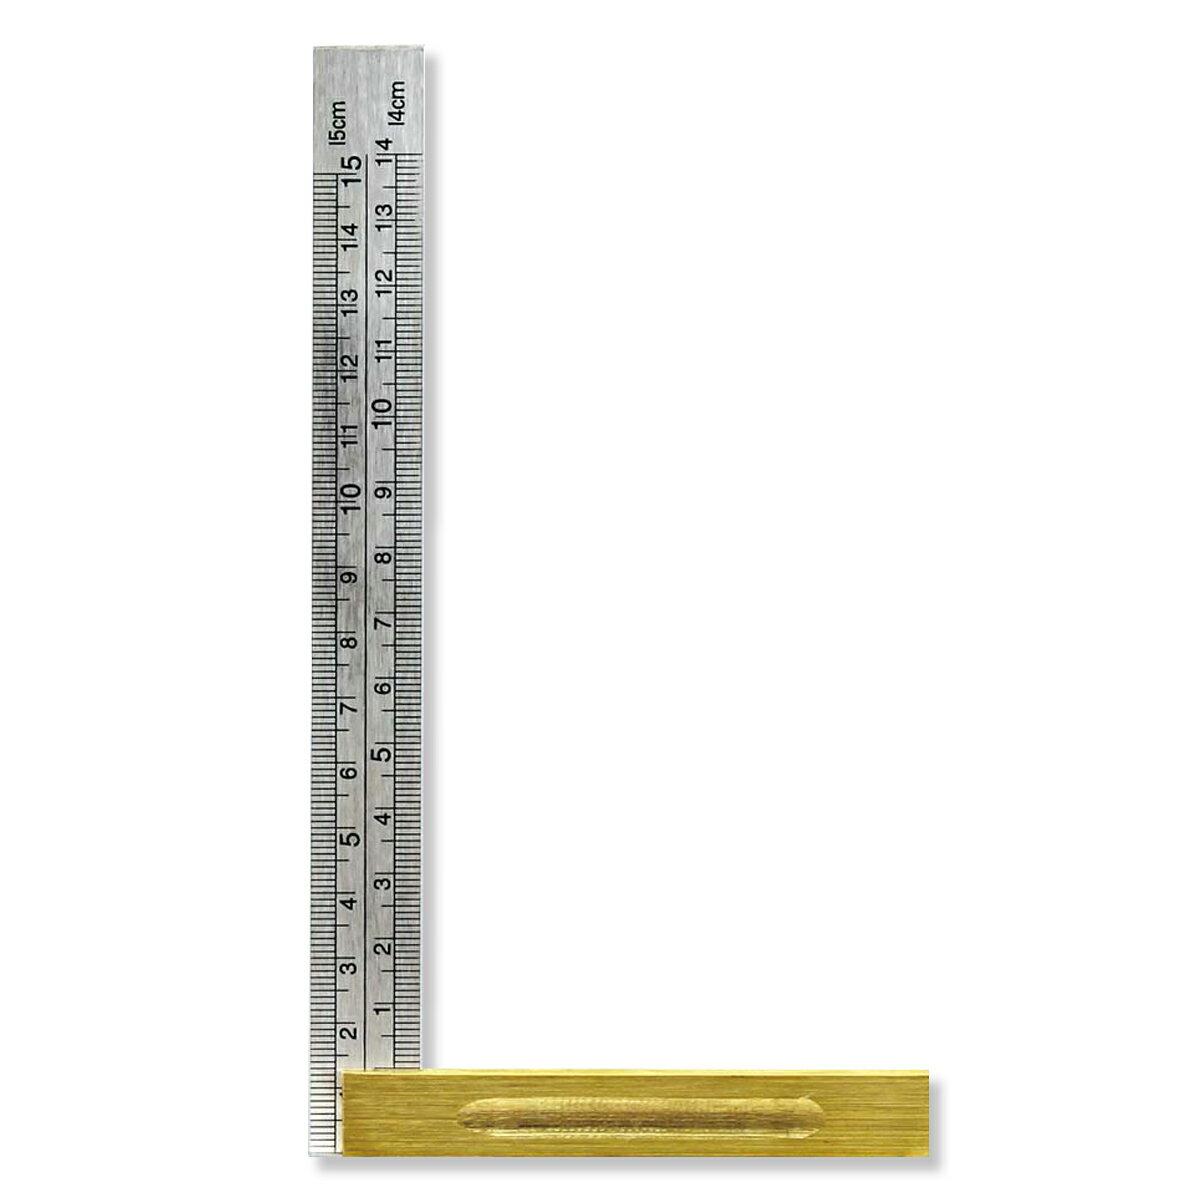 直角定規 スコヤ 150mm 目盛付き IS型 ステンレス製 【 差金 定規 】